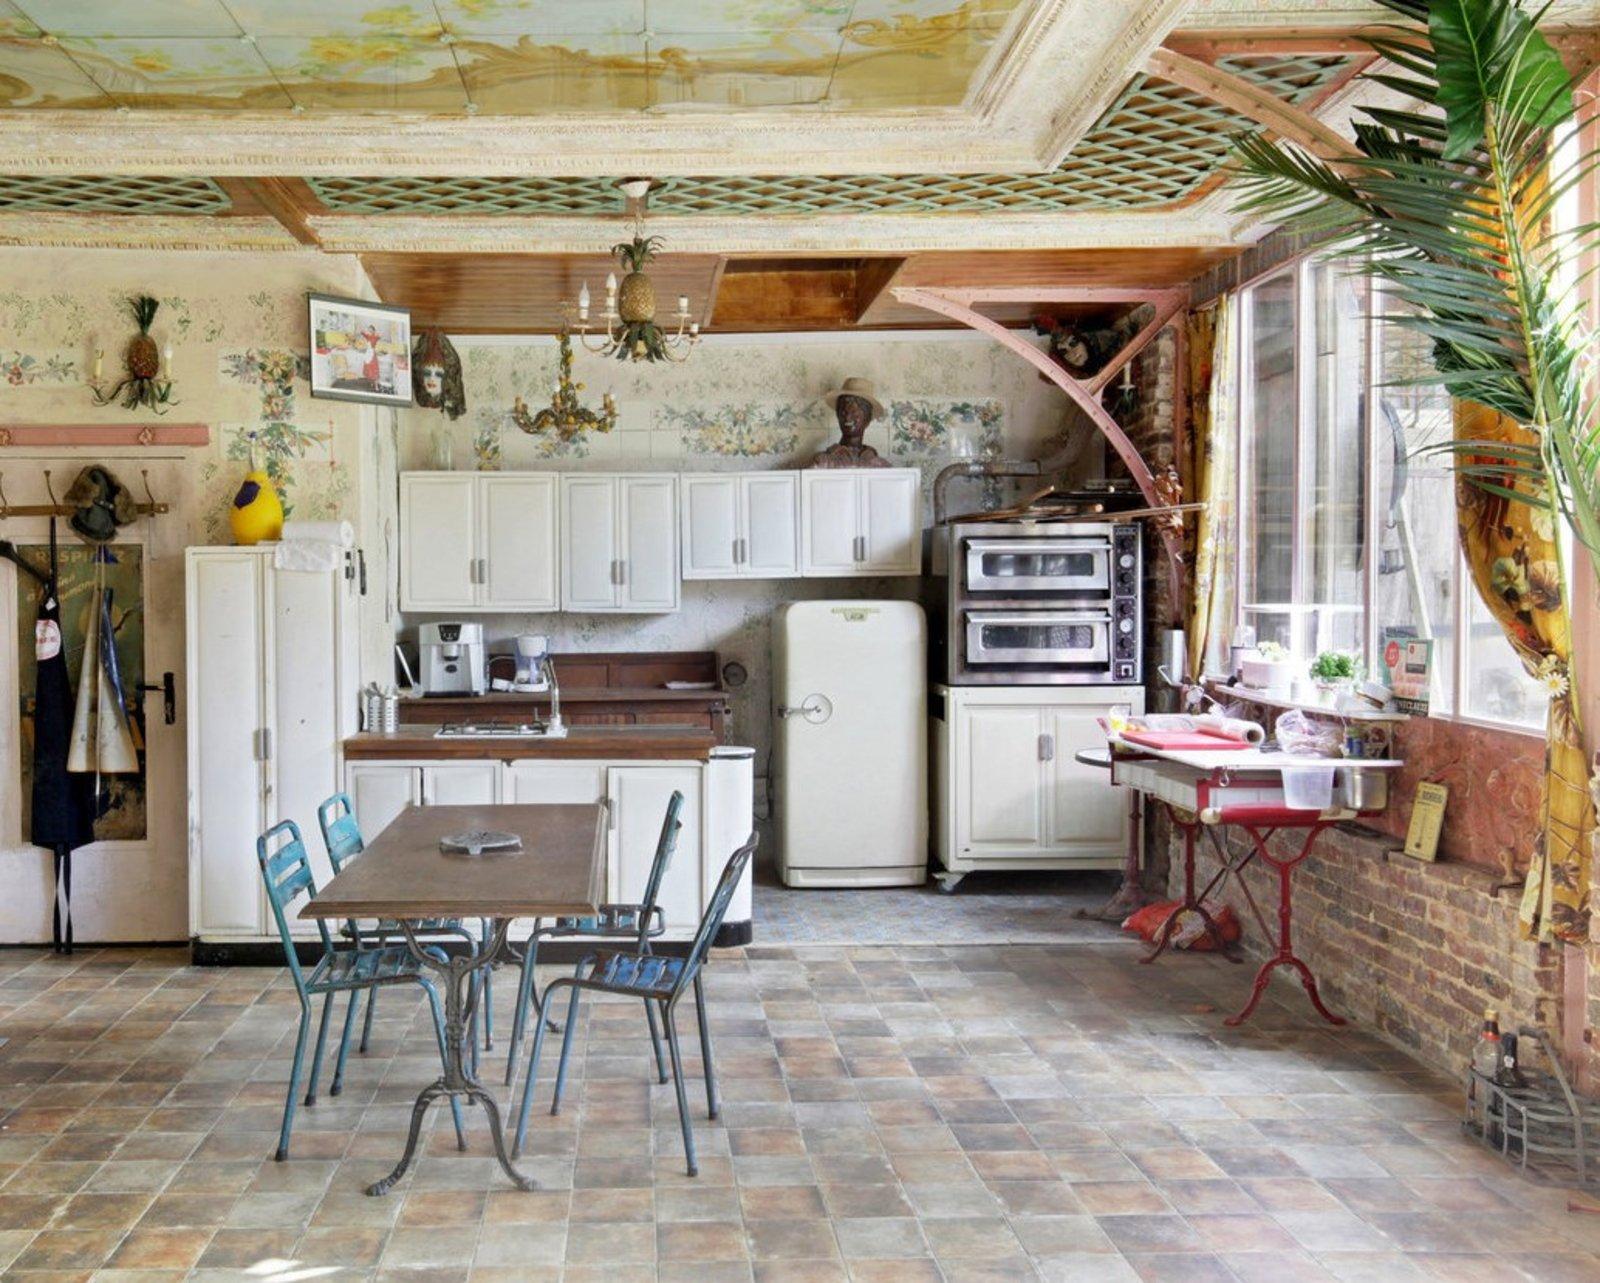 Une cuisine un petit coin de paradis. On se croirait presque dans les îles. Pour se réunir entre collègue cet espace est un choix de qualité.